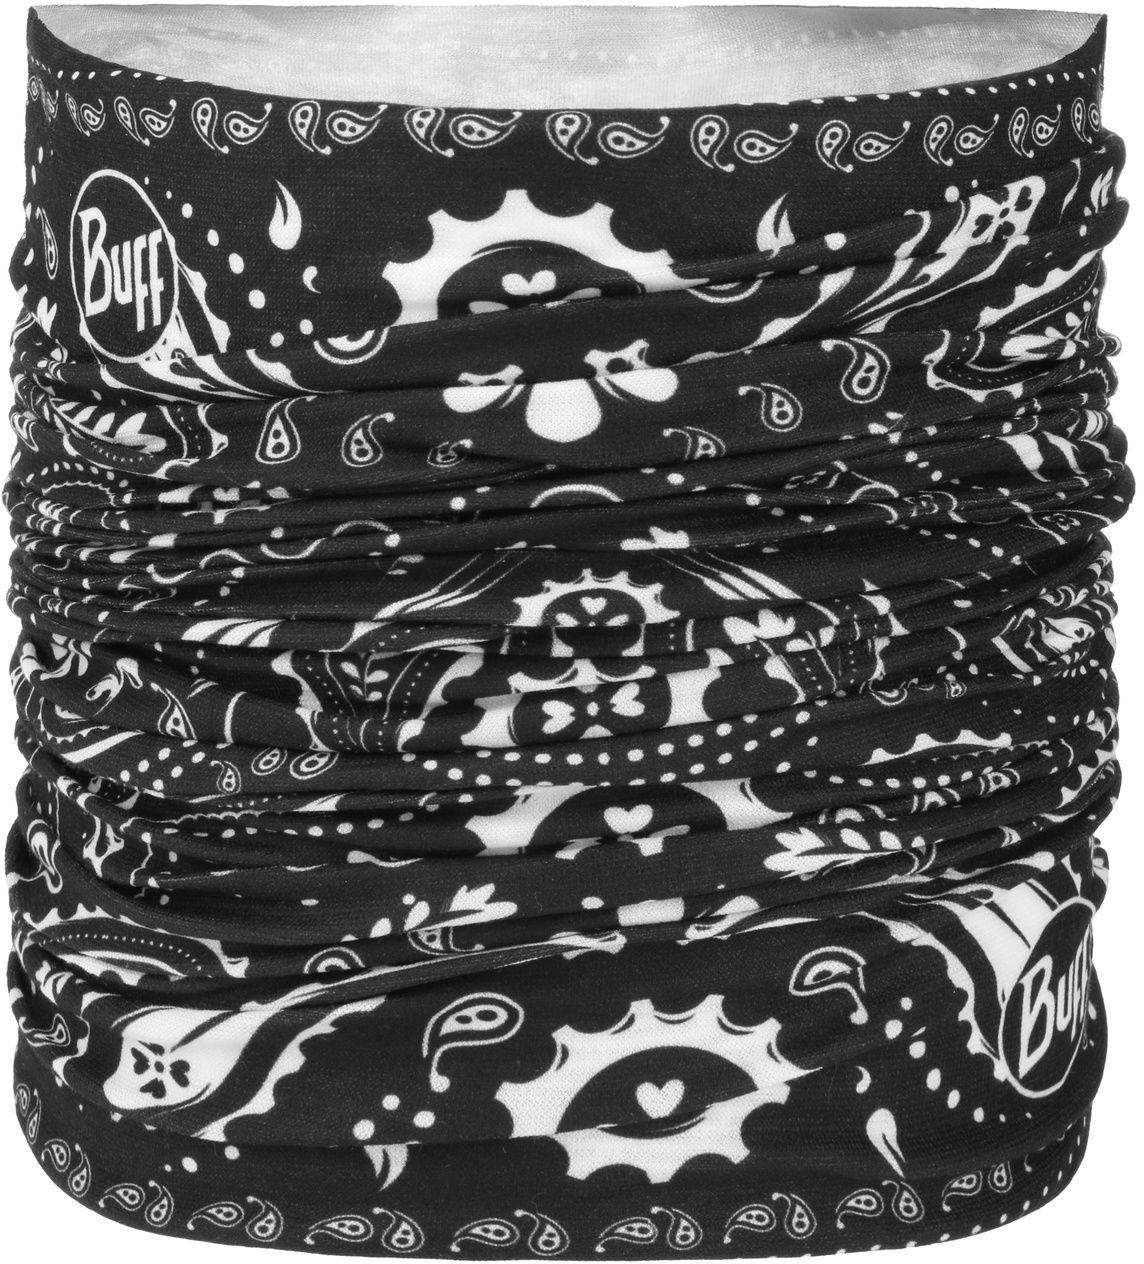 Chusta Wielofunkcyjna New Cashmere by BUFF, czarny, One Size